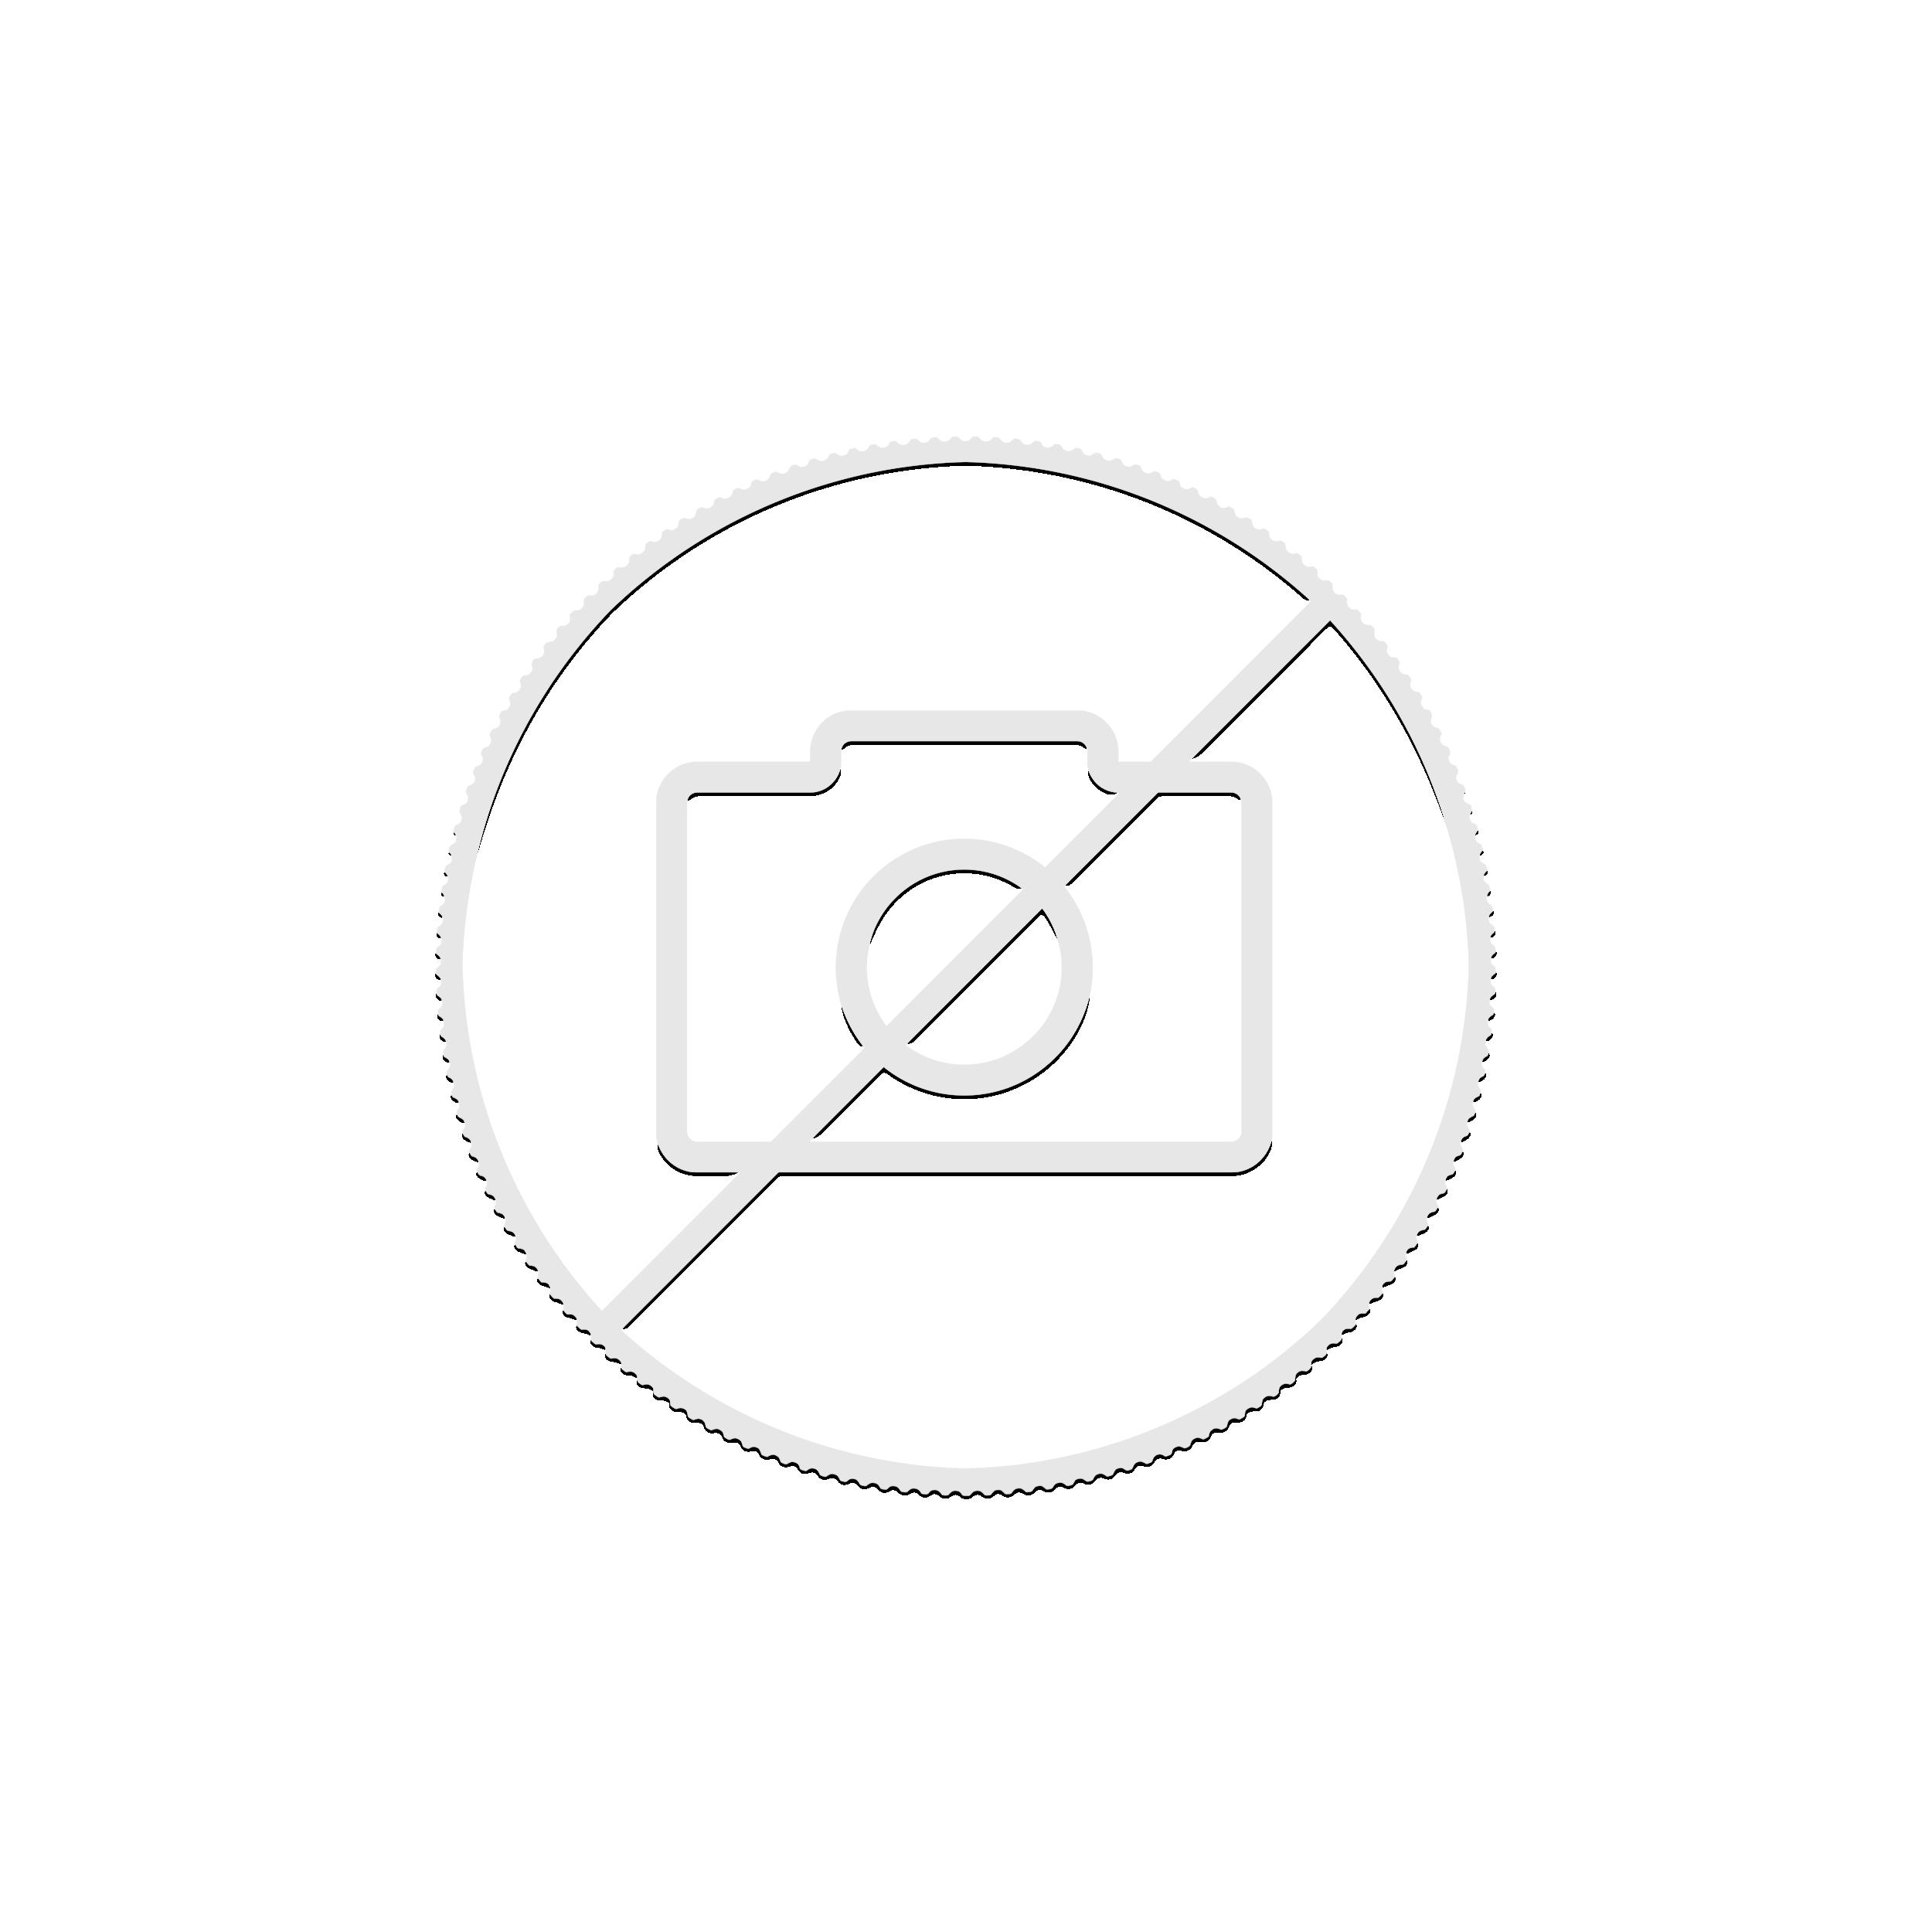 1 Troy ounce zilveren munt baar Rectangular Dragon 2018